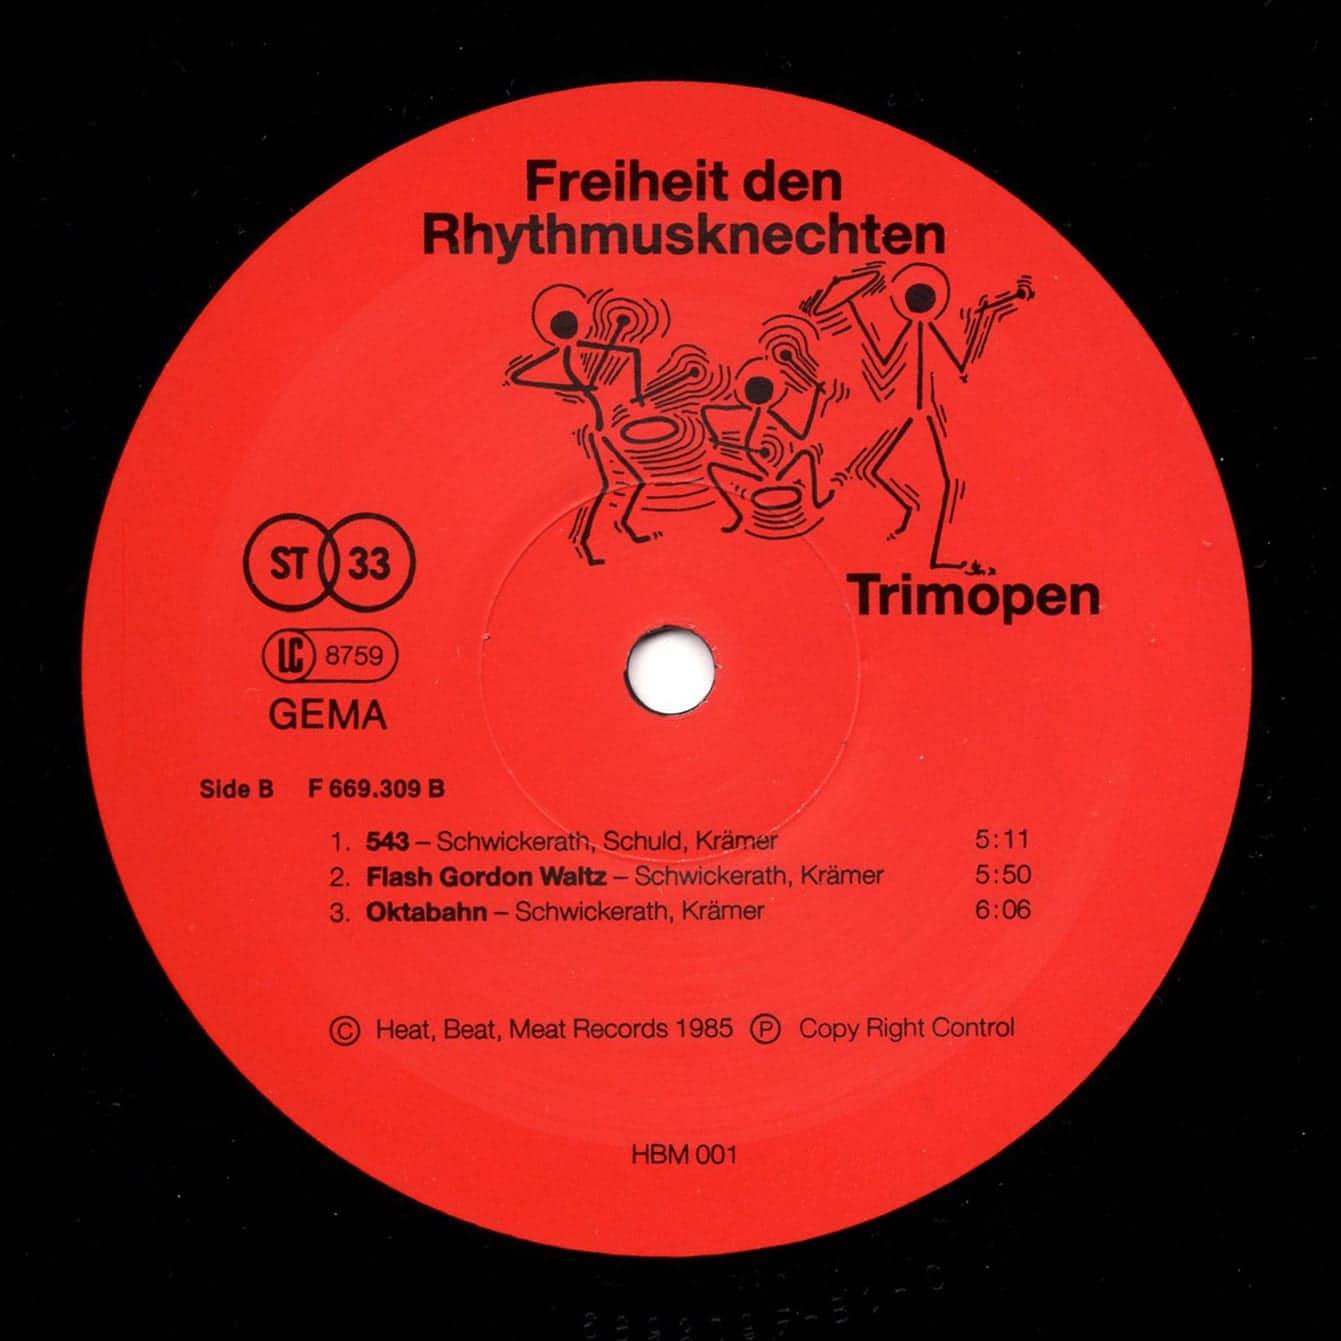 Trimopen  Freiheit den Rhythmusknechten – Heat, Beat, Meat Records – HBM 001 Germany 1985